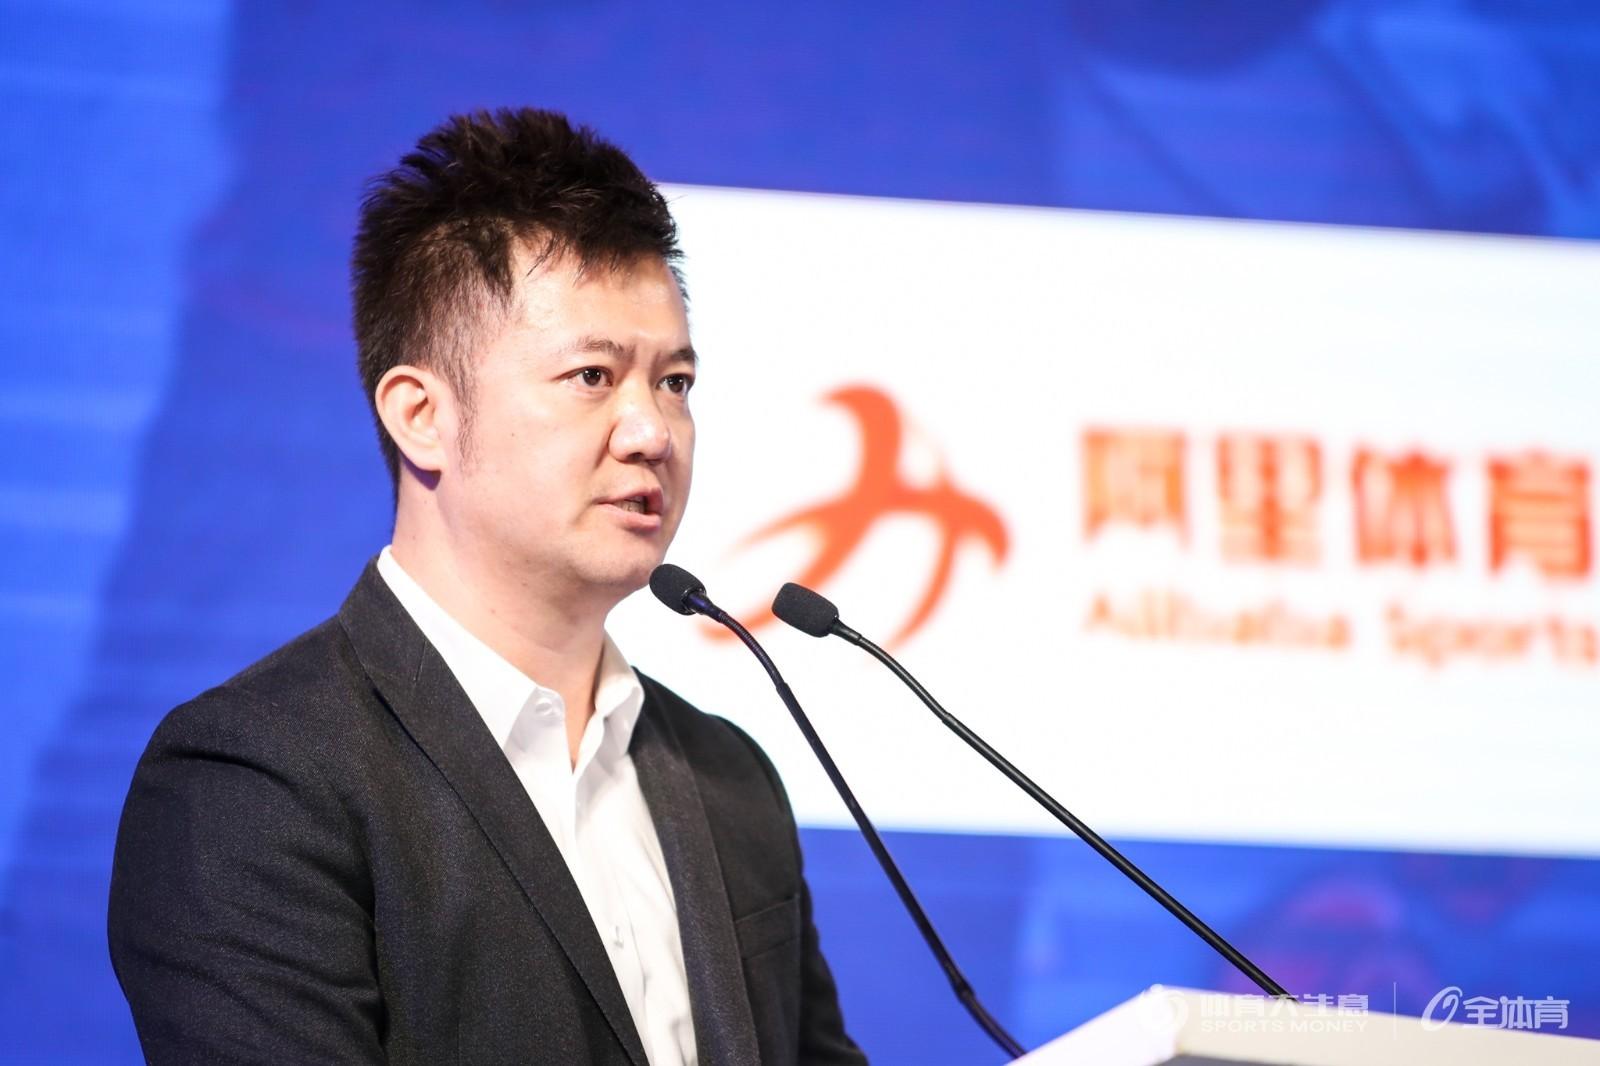 阿里体育副总裁黄春翔:从赛制到赛程,CUBA的破圈之路